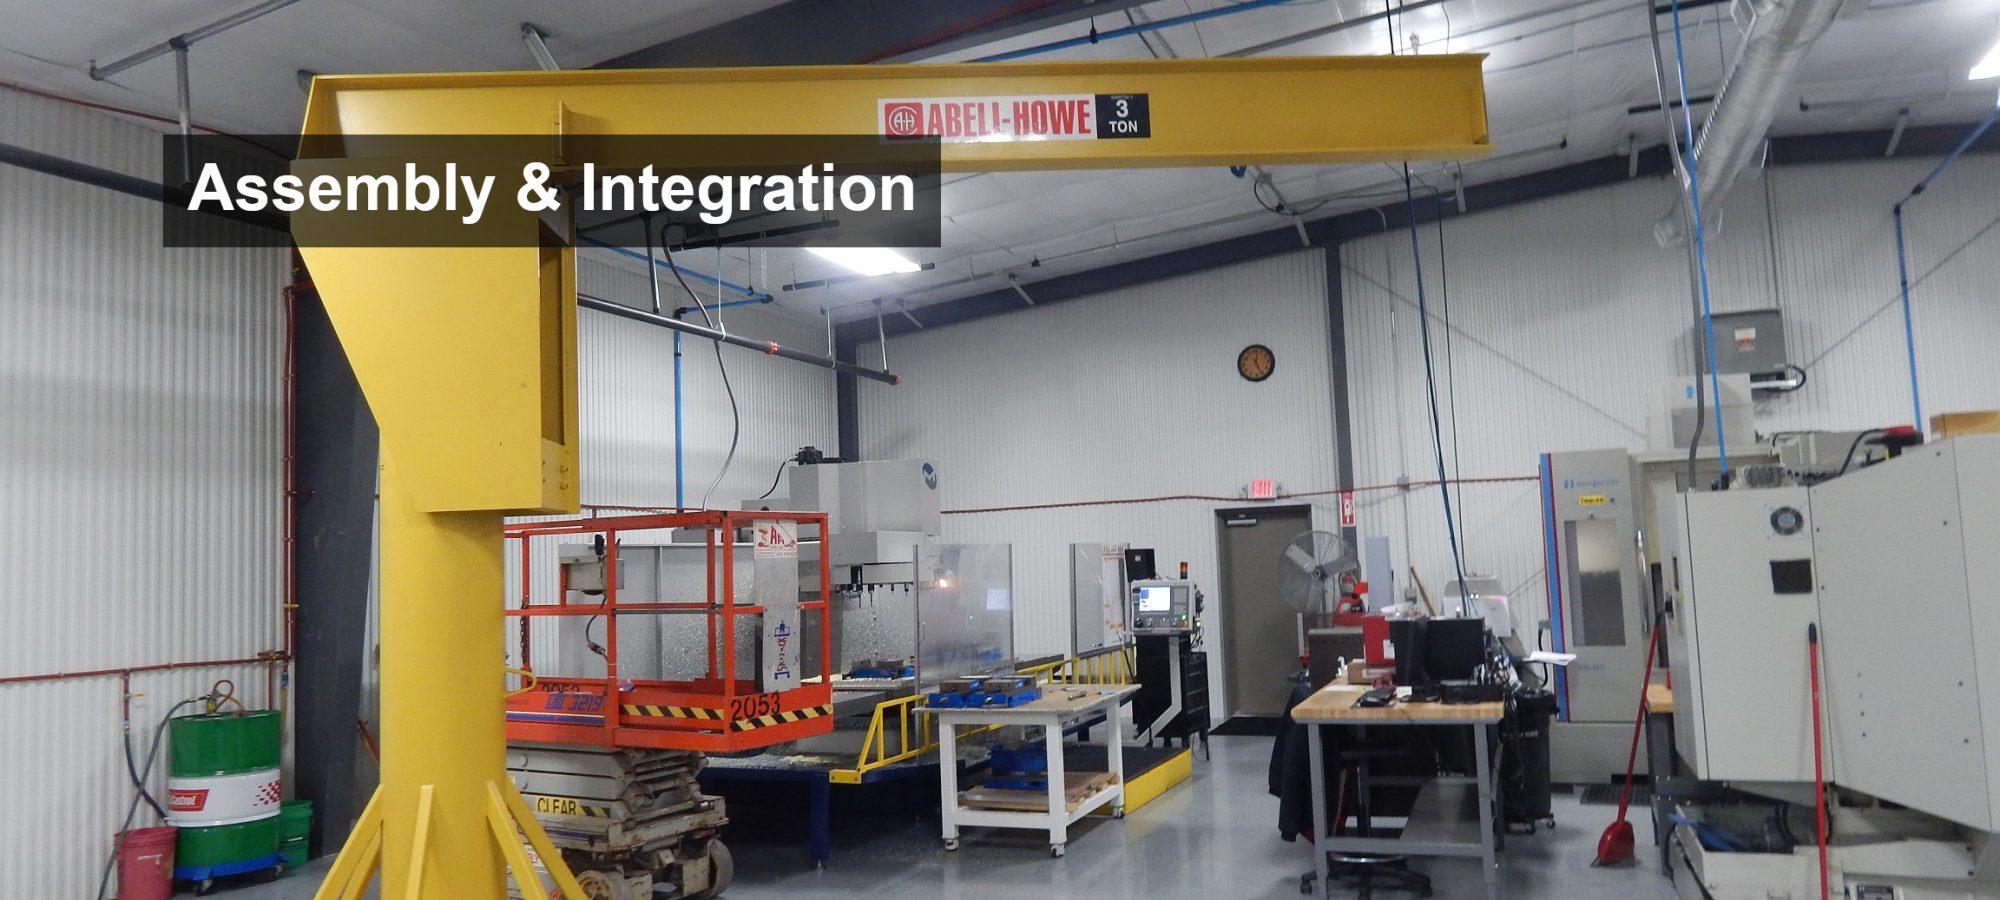 Assembly & Integration